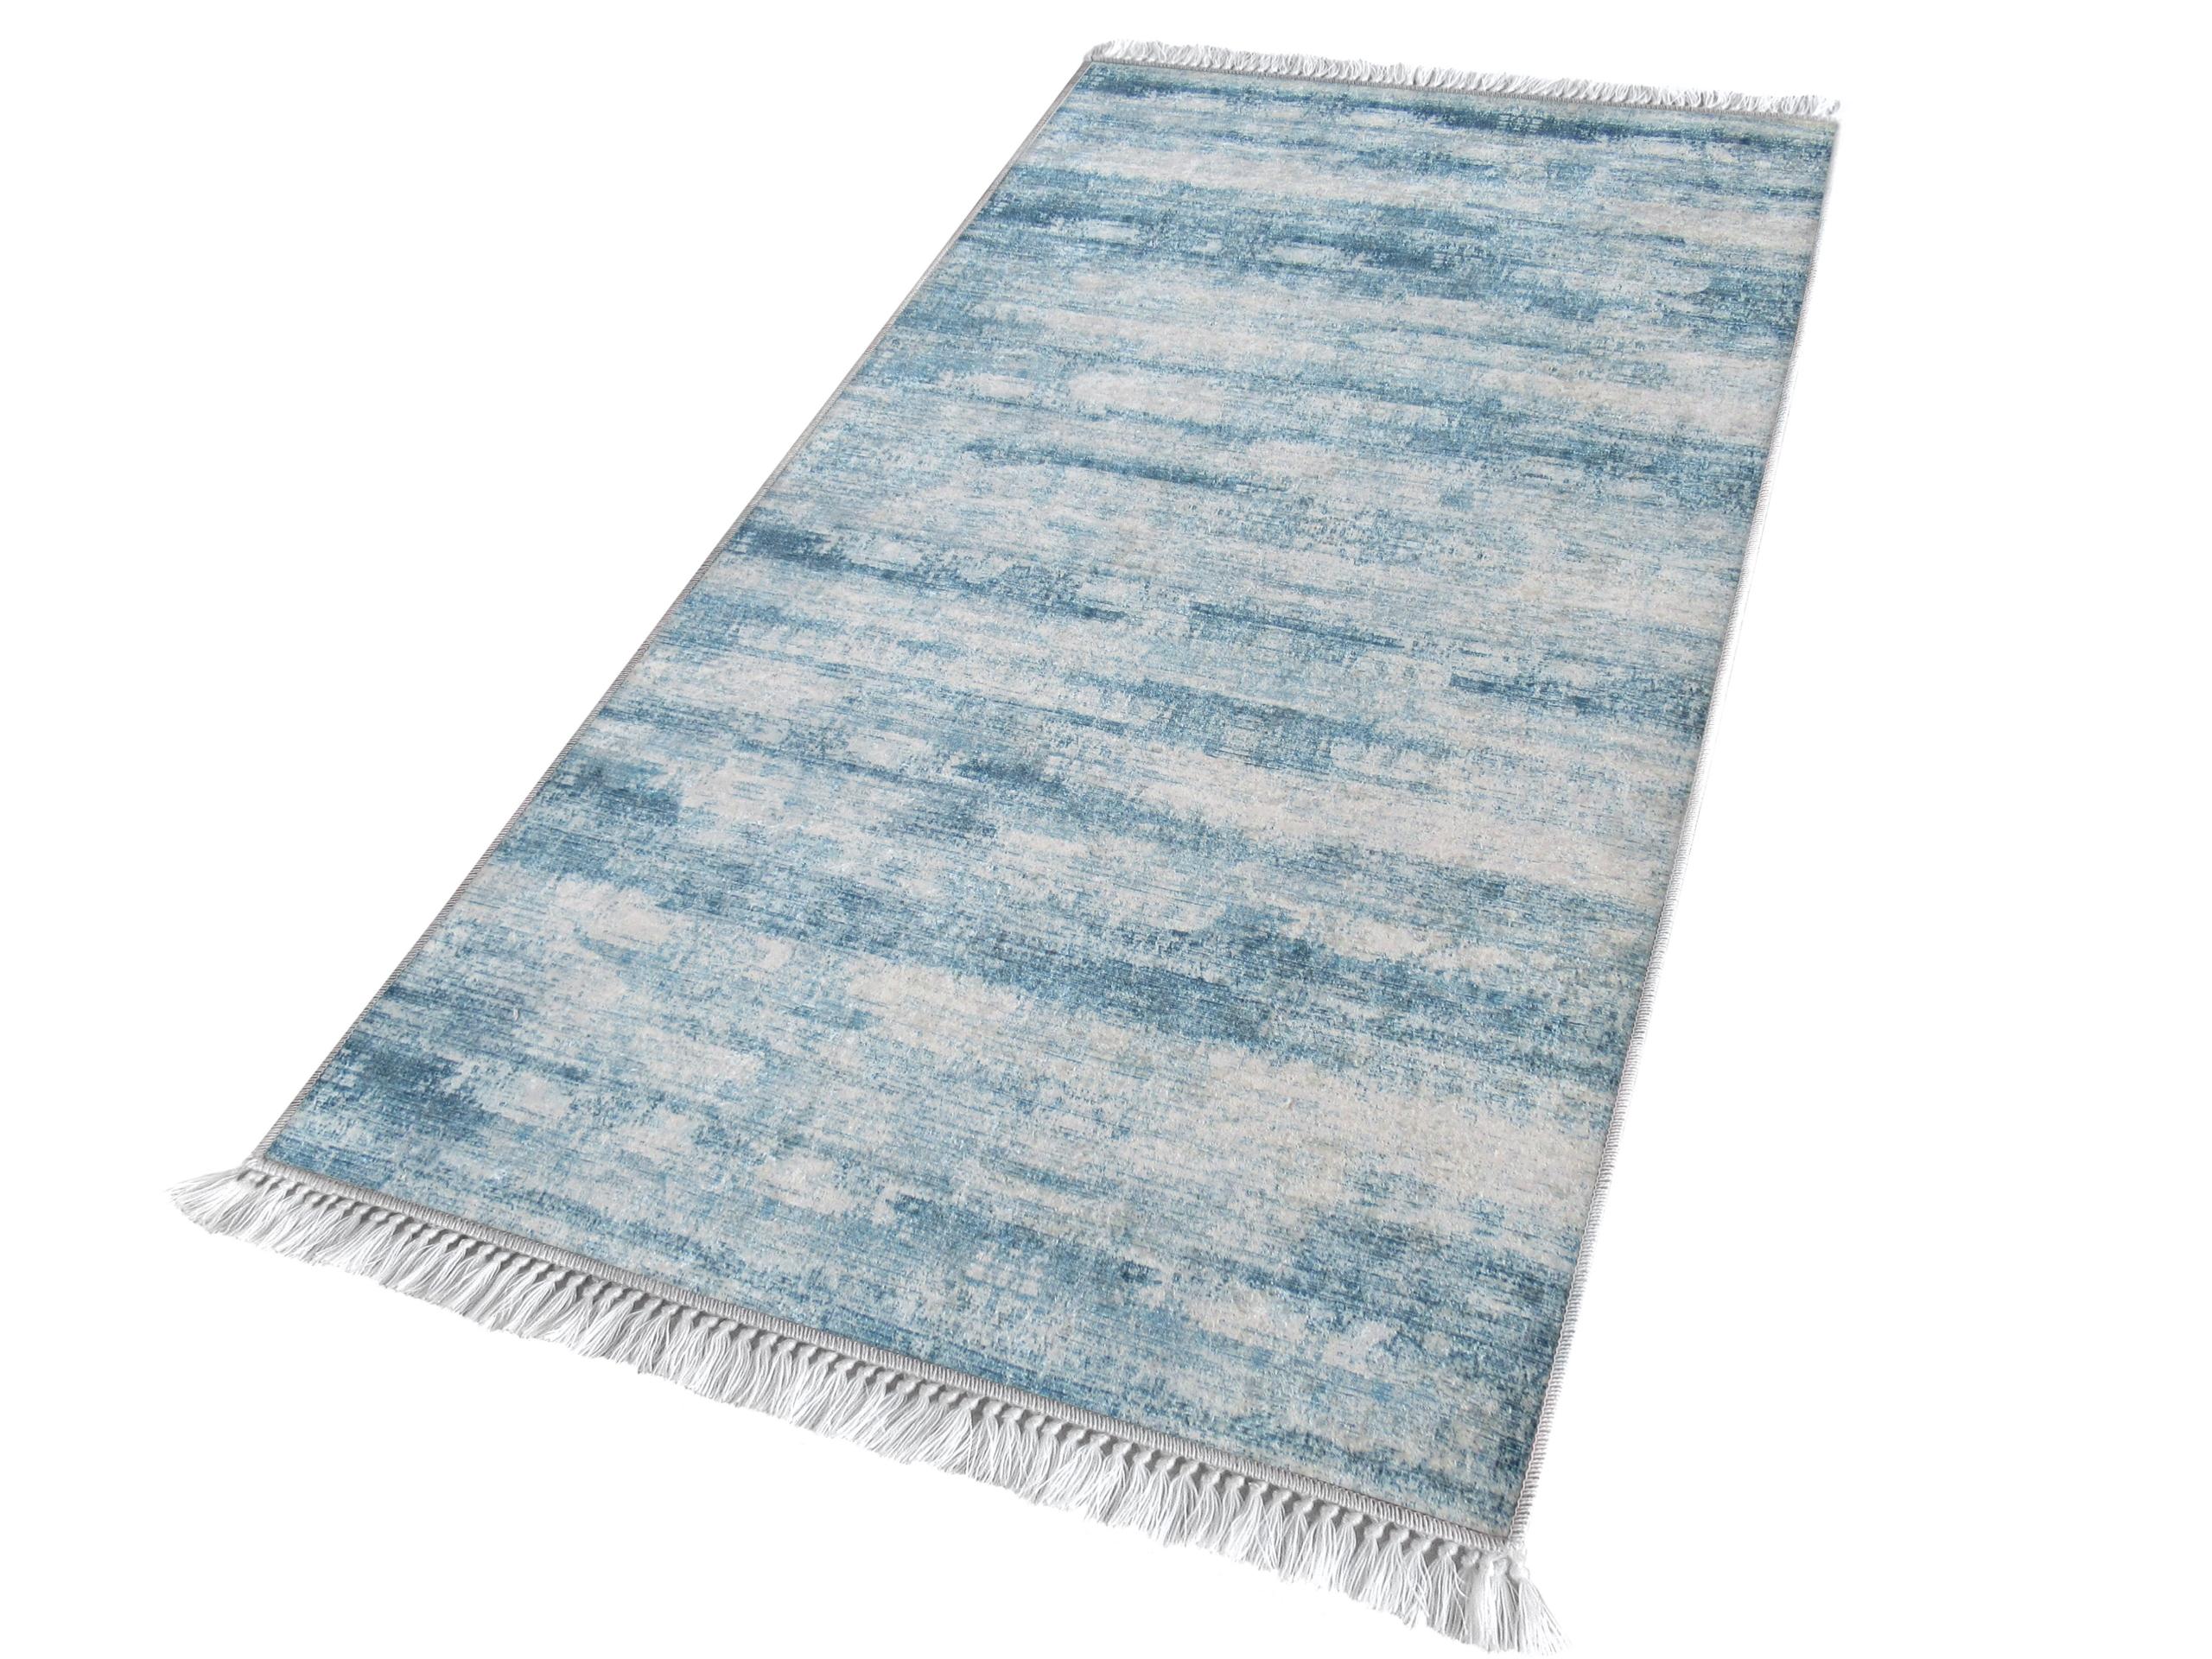 Chodniki Dywany Przedpokój 80x150 Antypoślizgowe